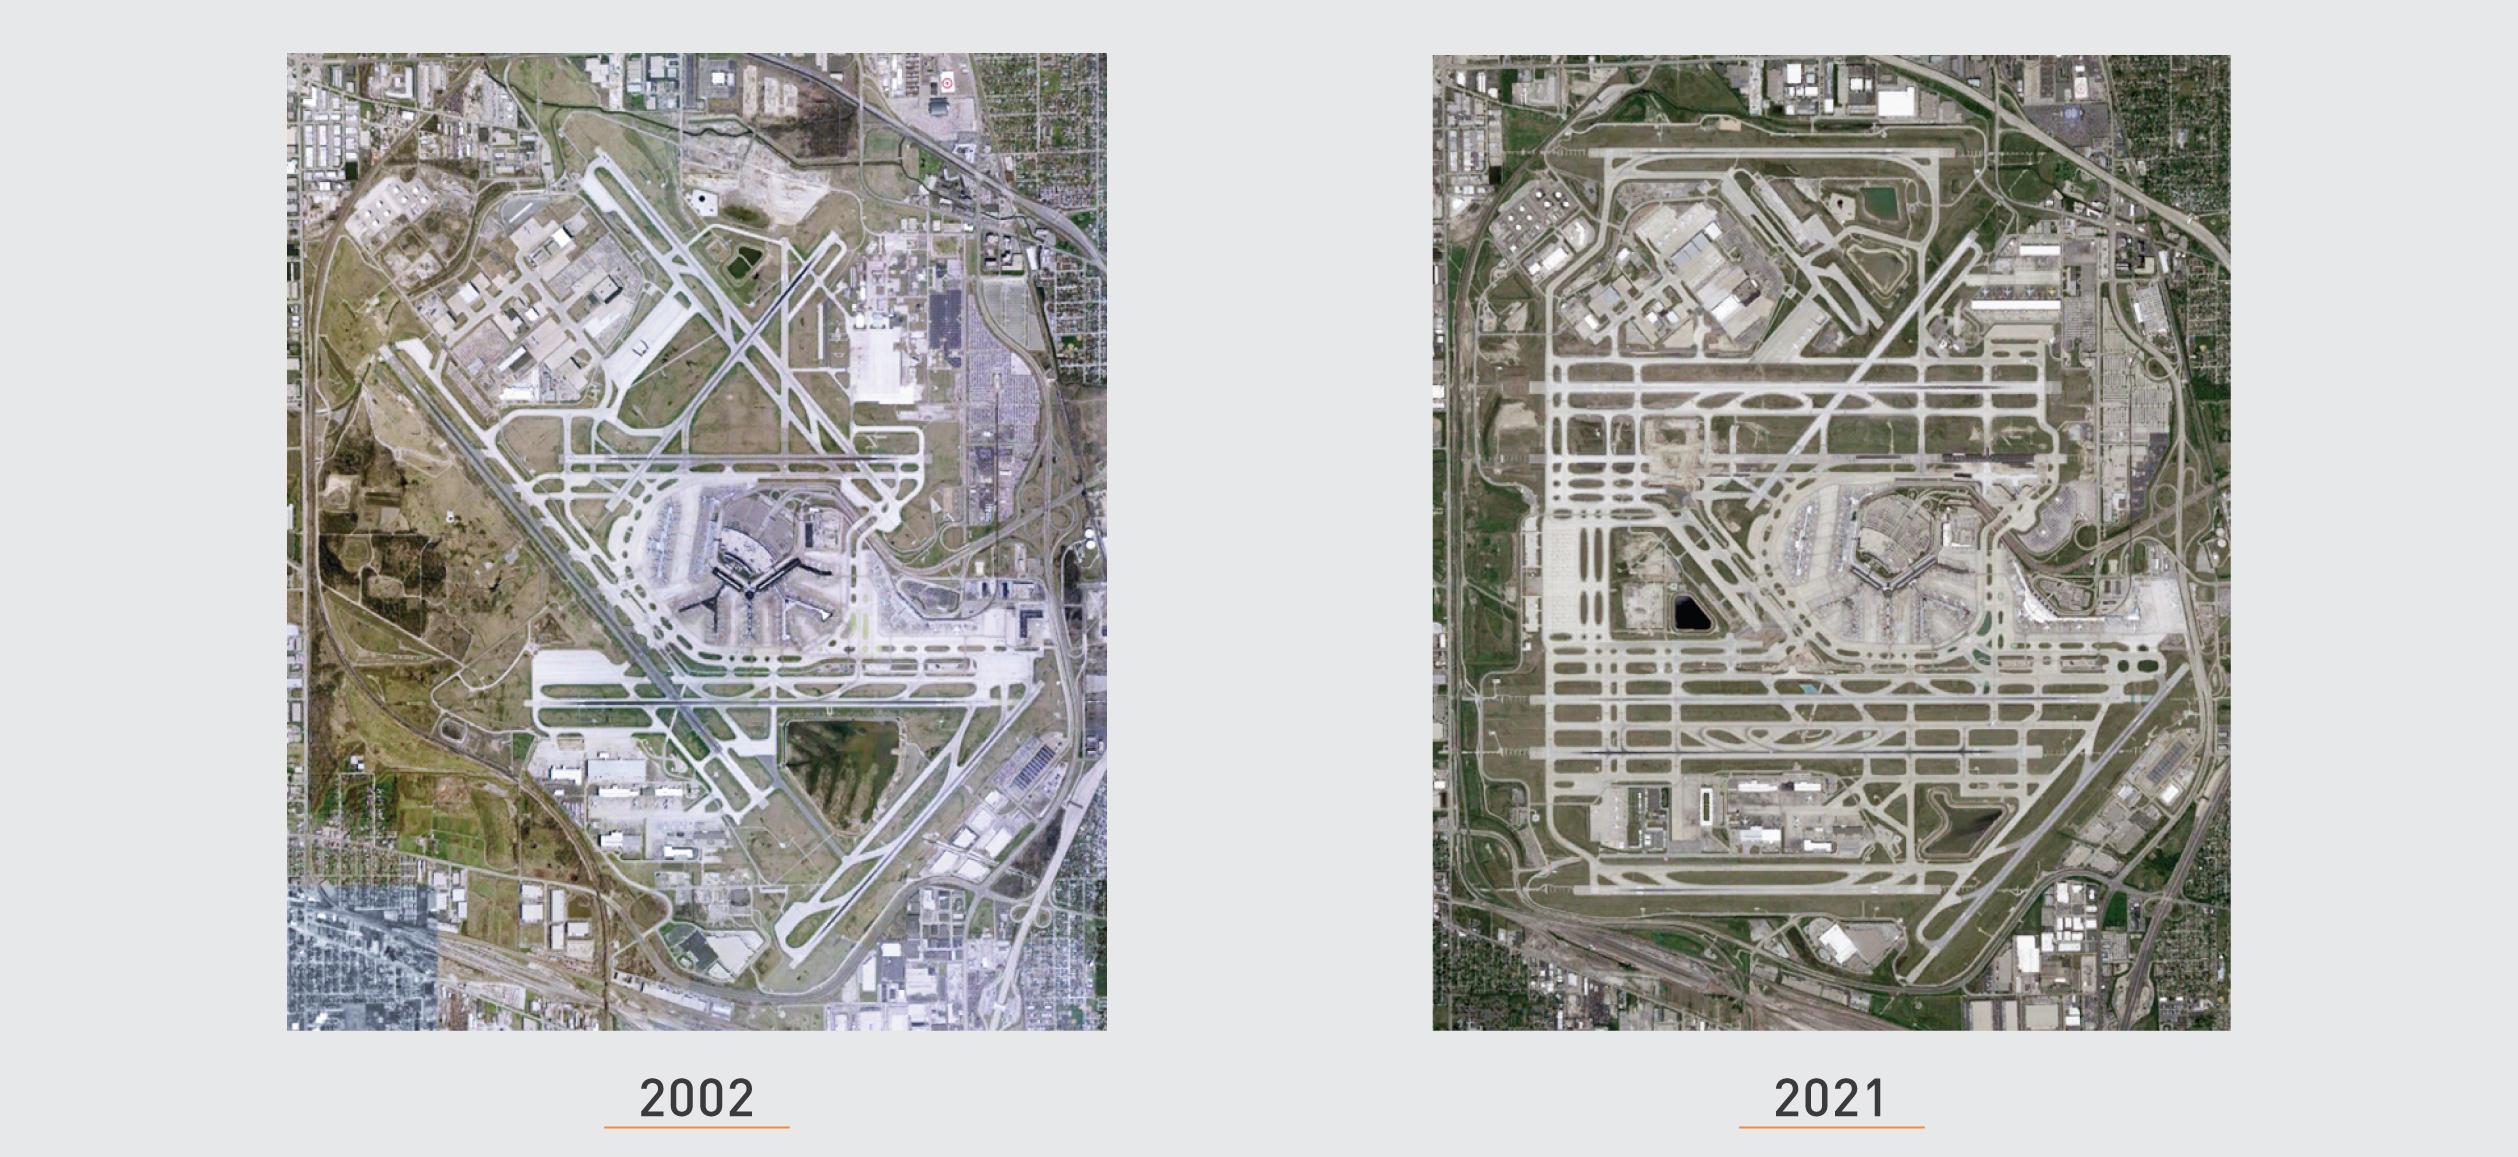 Farewell O'Hare Modernization Program – A Trip Down Memory Lane